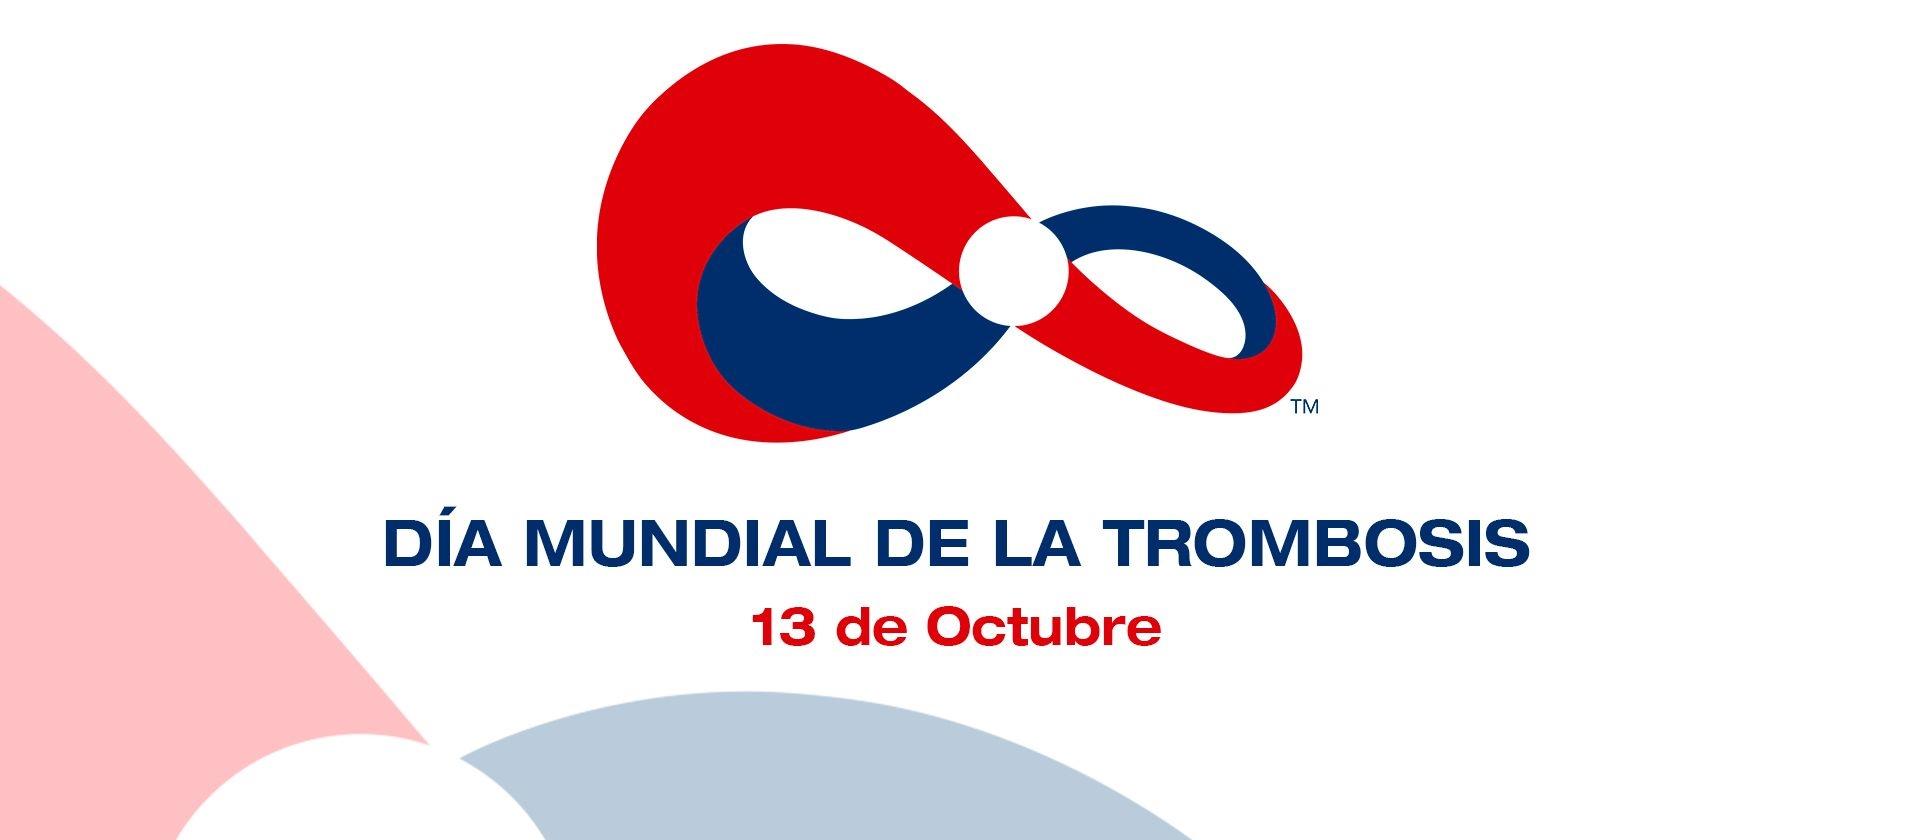 La prevención del tromboembolismo venoso debe ser un tema prioritario de seguridad del paciente hospitalizado.